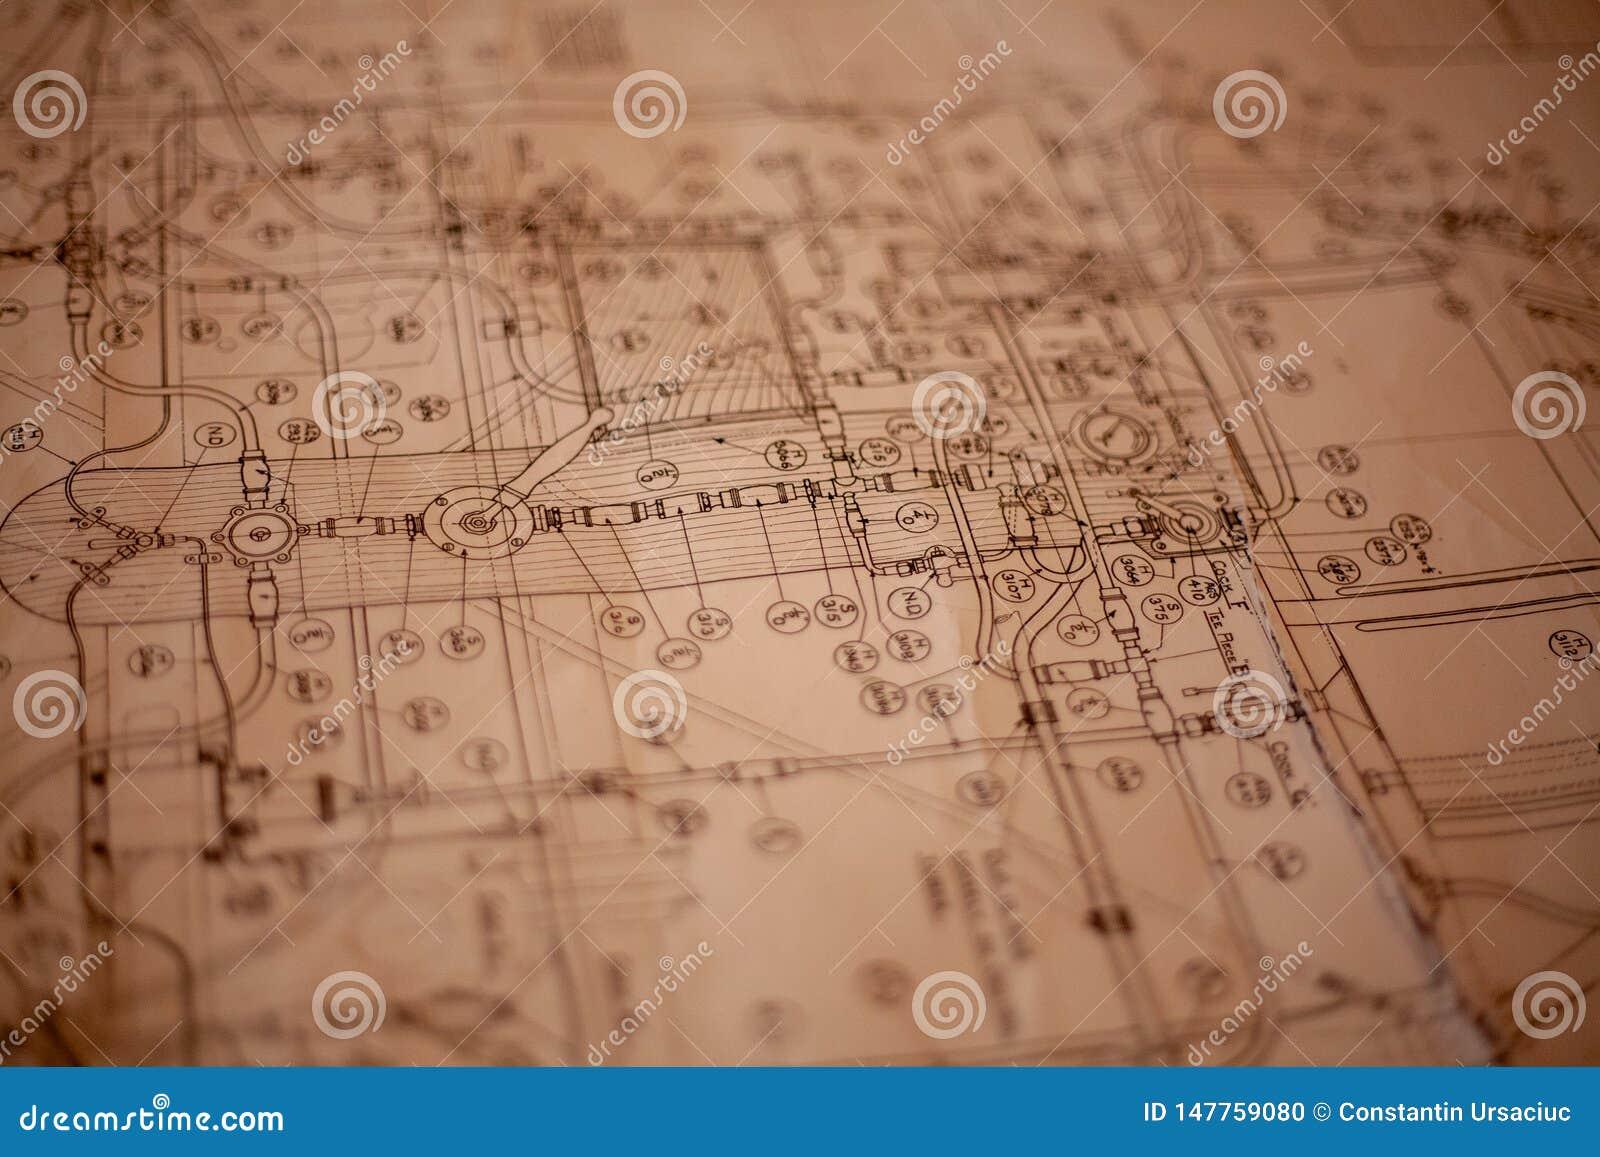 Un plan de papel